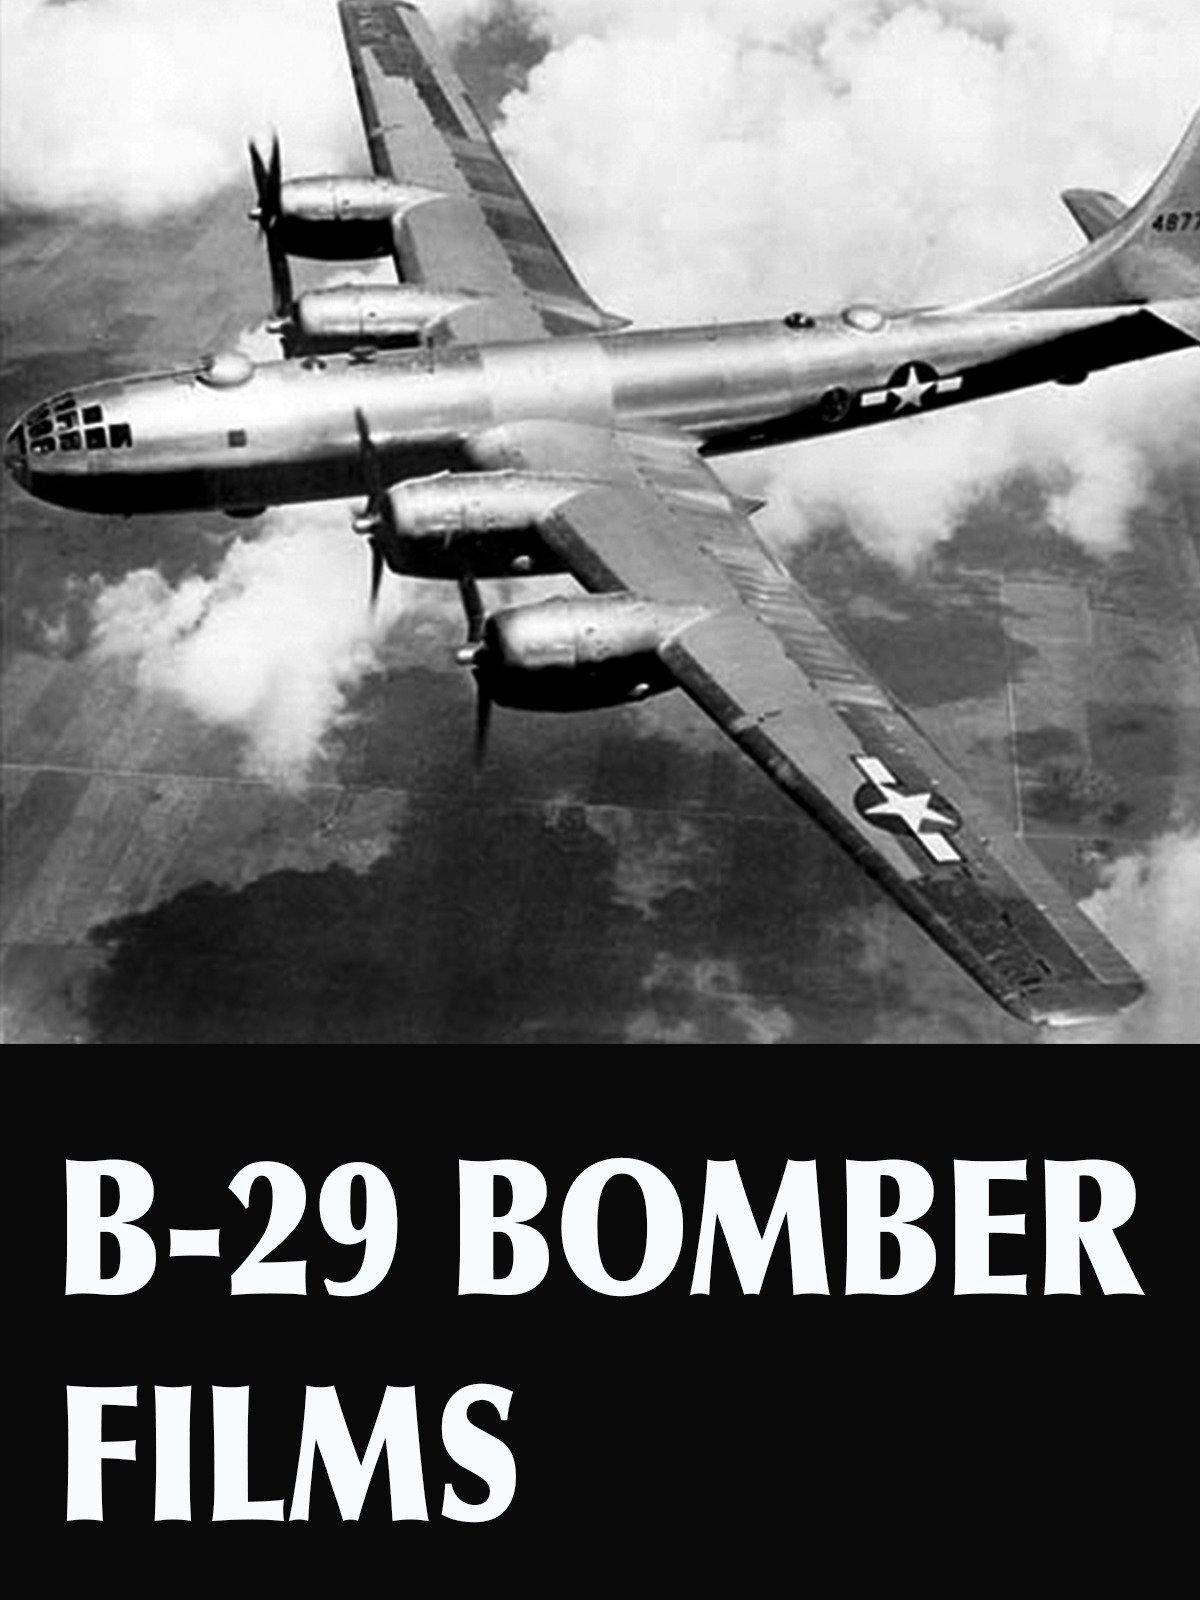 B-29 Bomber Films